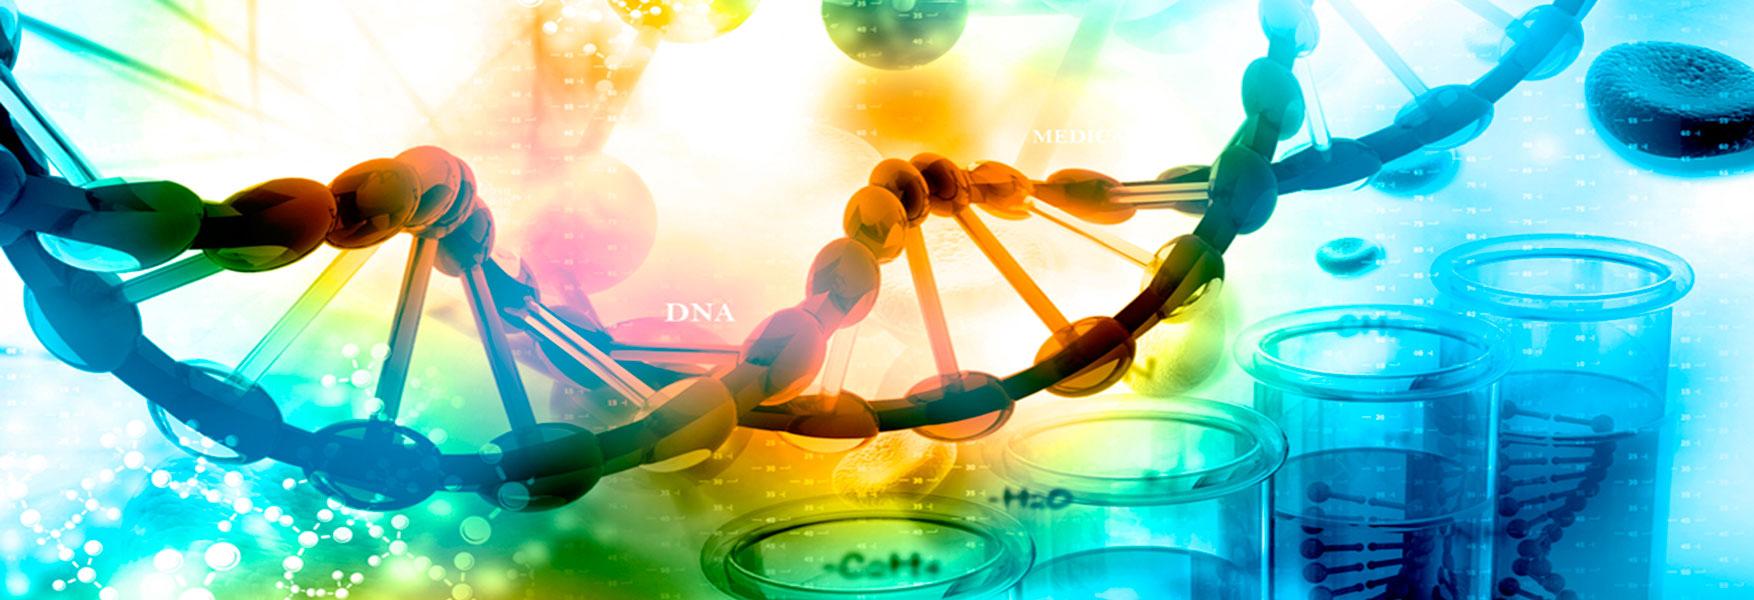 El Siglo Del Gen Biología Molecular Y Genética Openmind